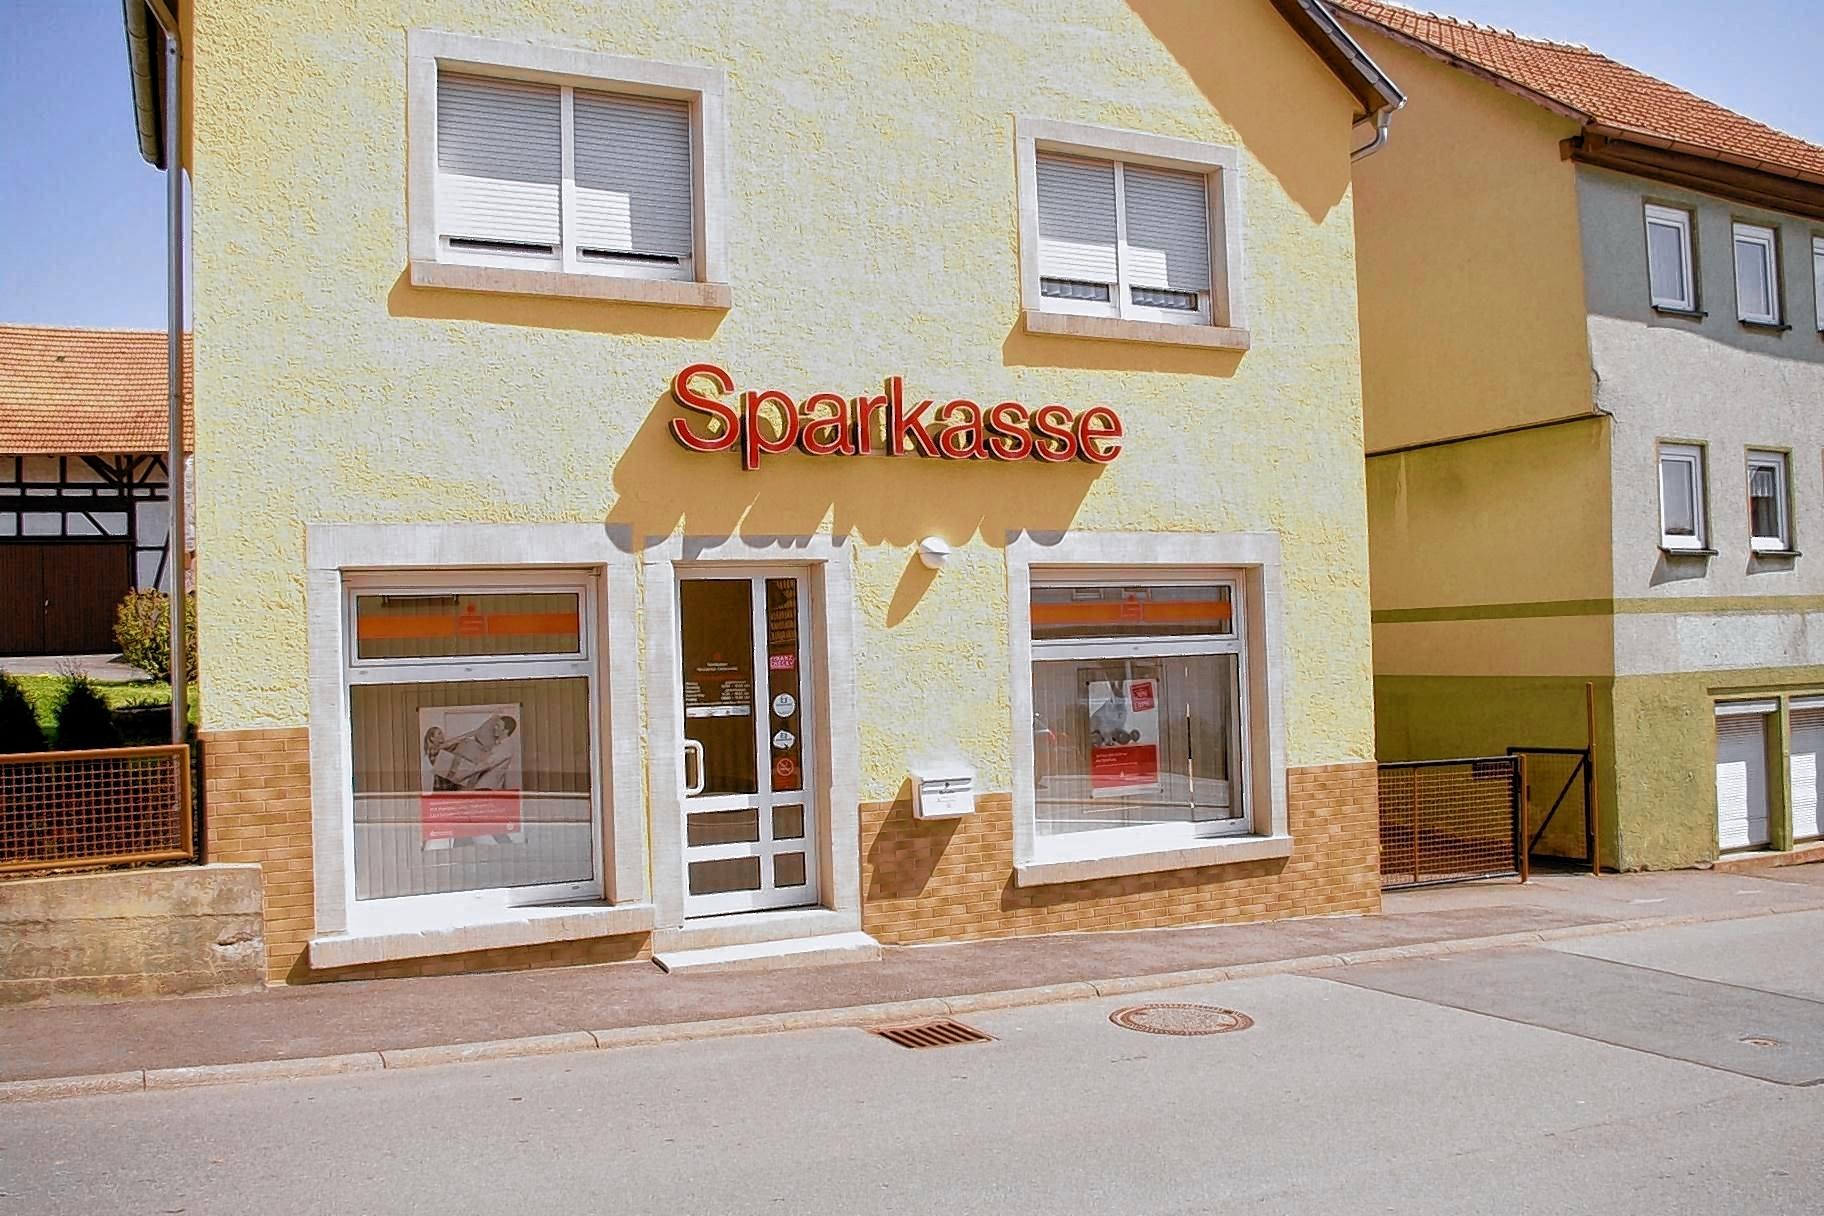 Sparkasse Weikersheim